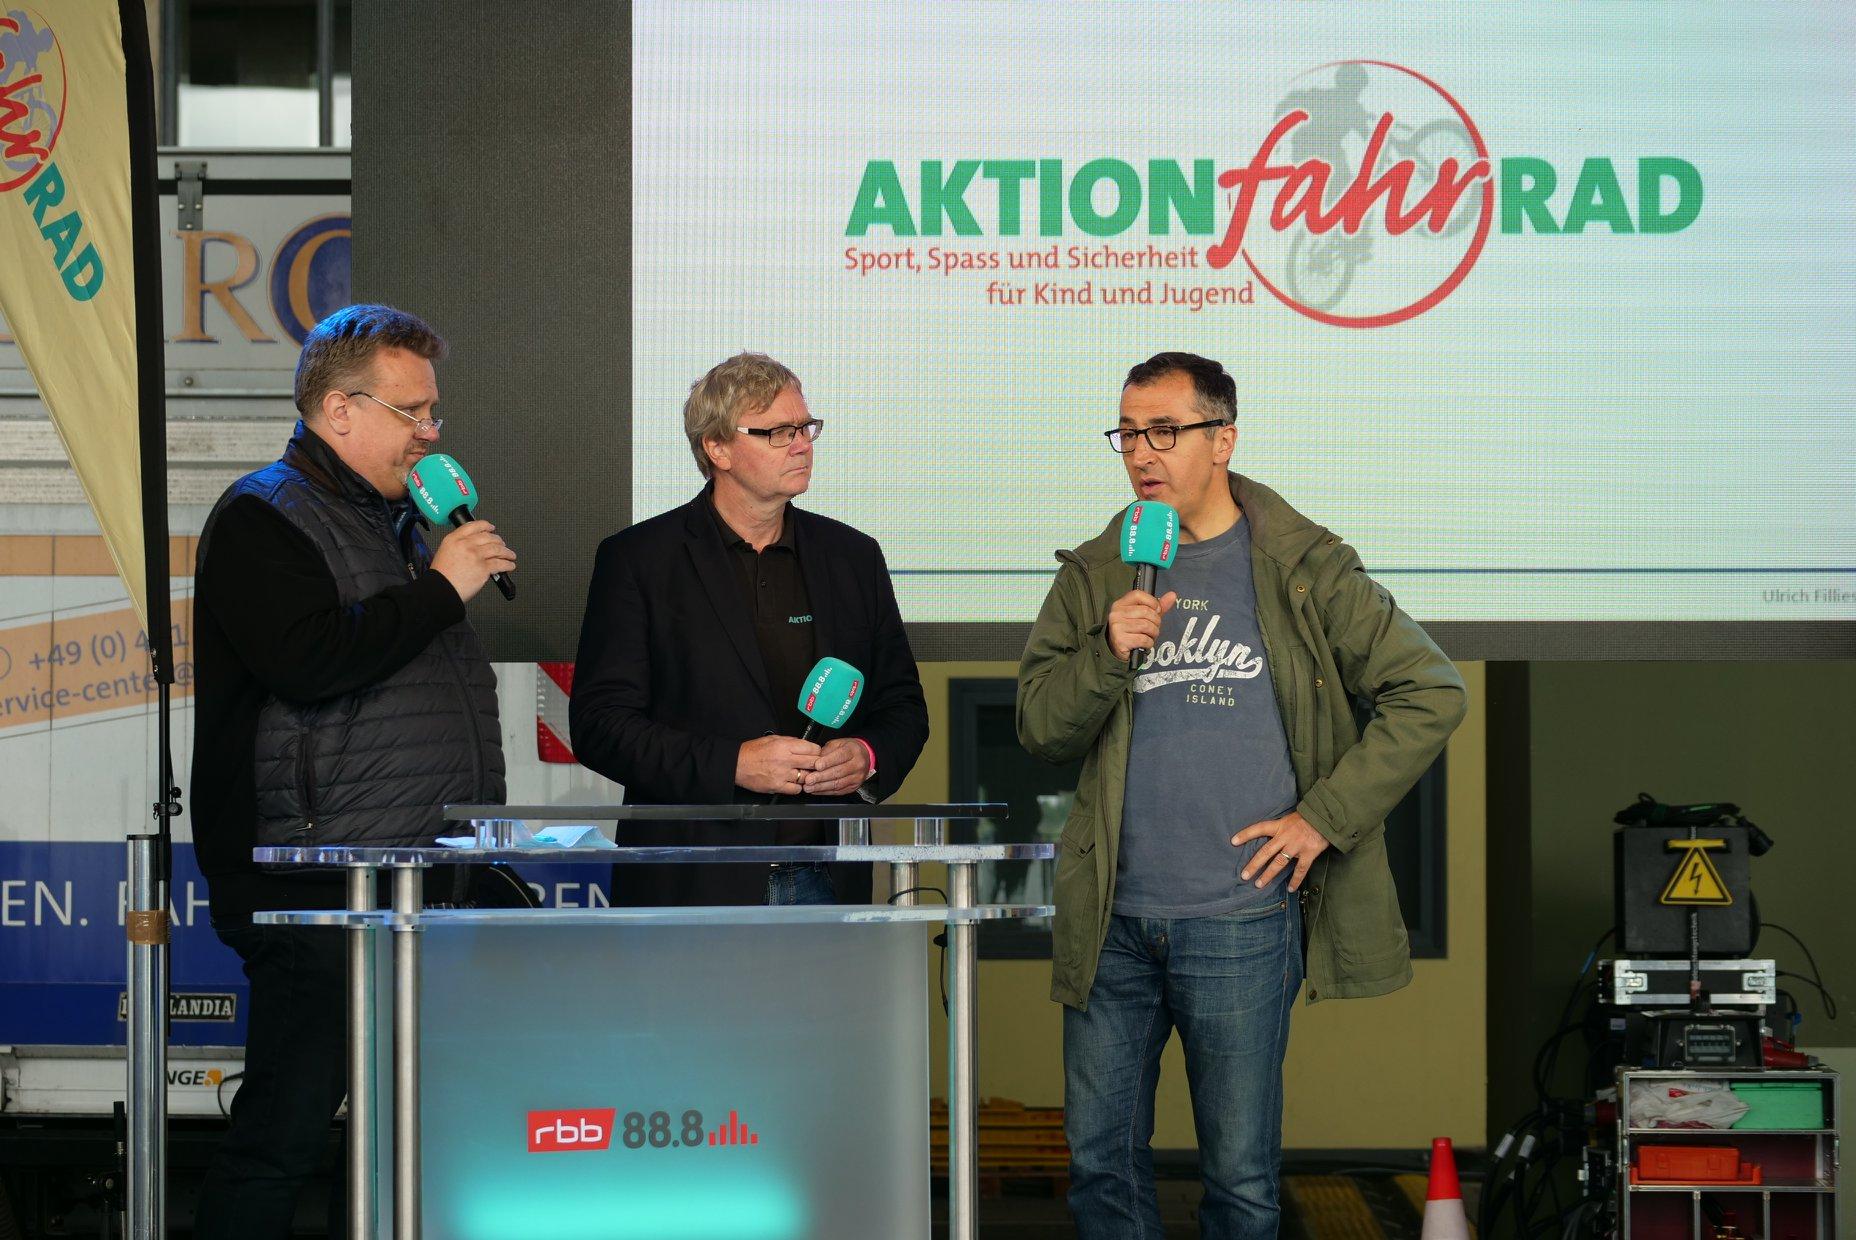 Cem Özdemir übergab auf der Radiobühne von rbb die Preise // © AktionfahrRad